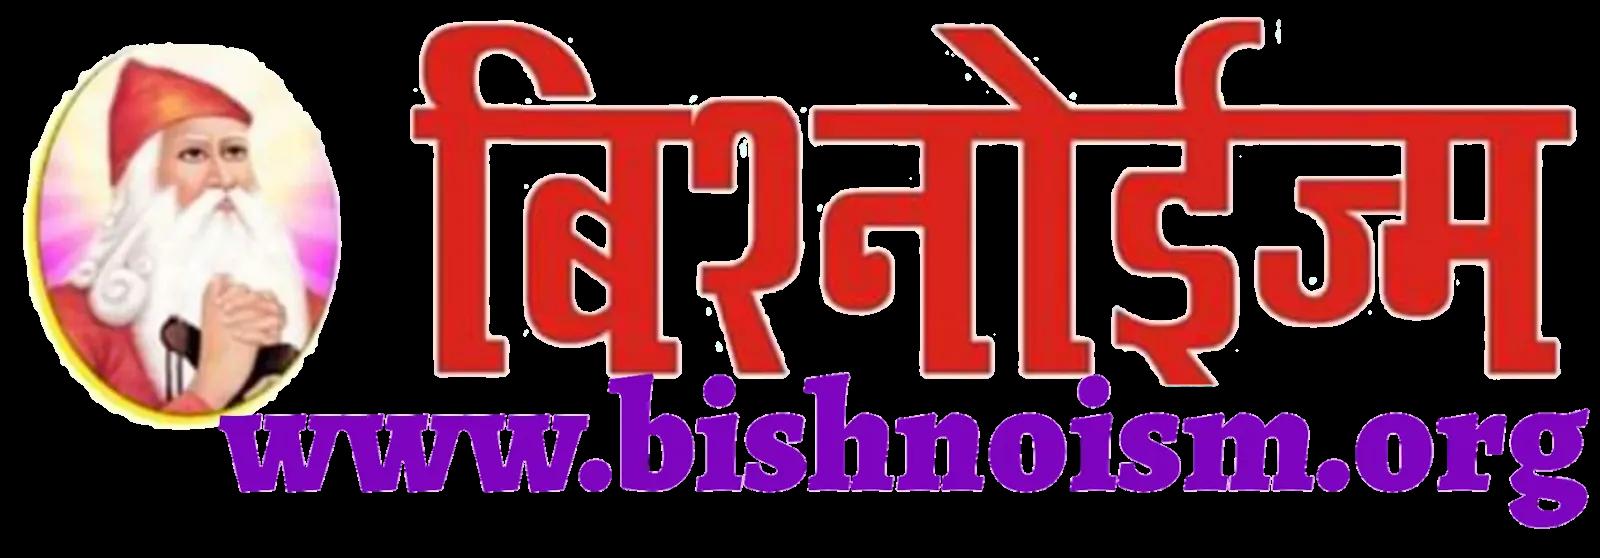 Bishnoi News : बिश्नोई समाज का एक मात्र विश्वसनीय न्यूज़ पॉर्टल